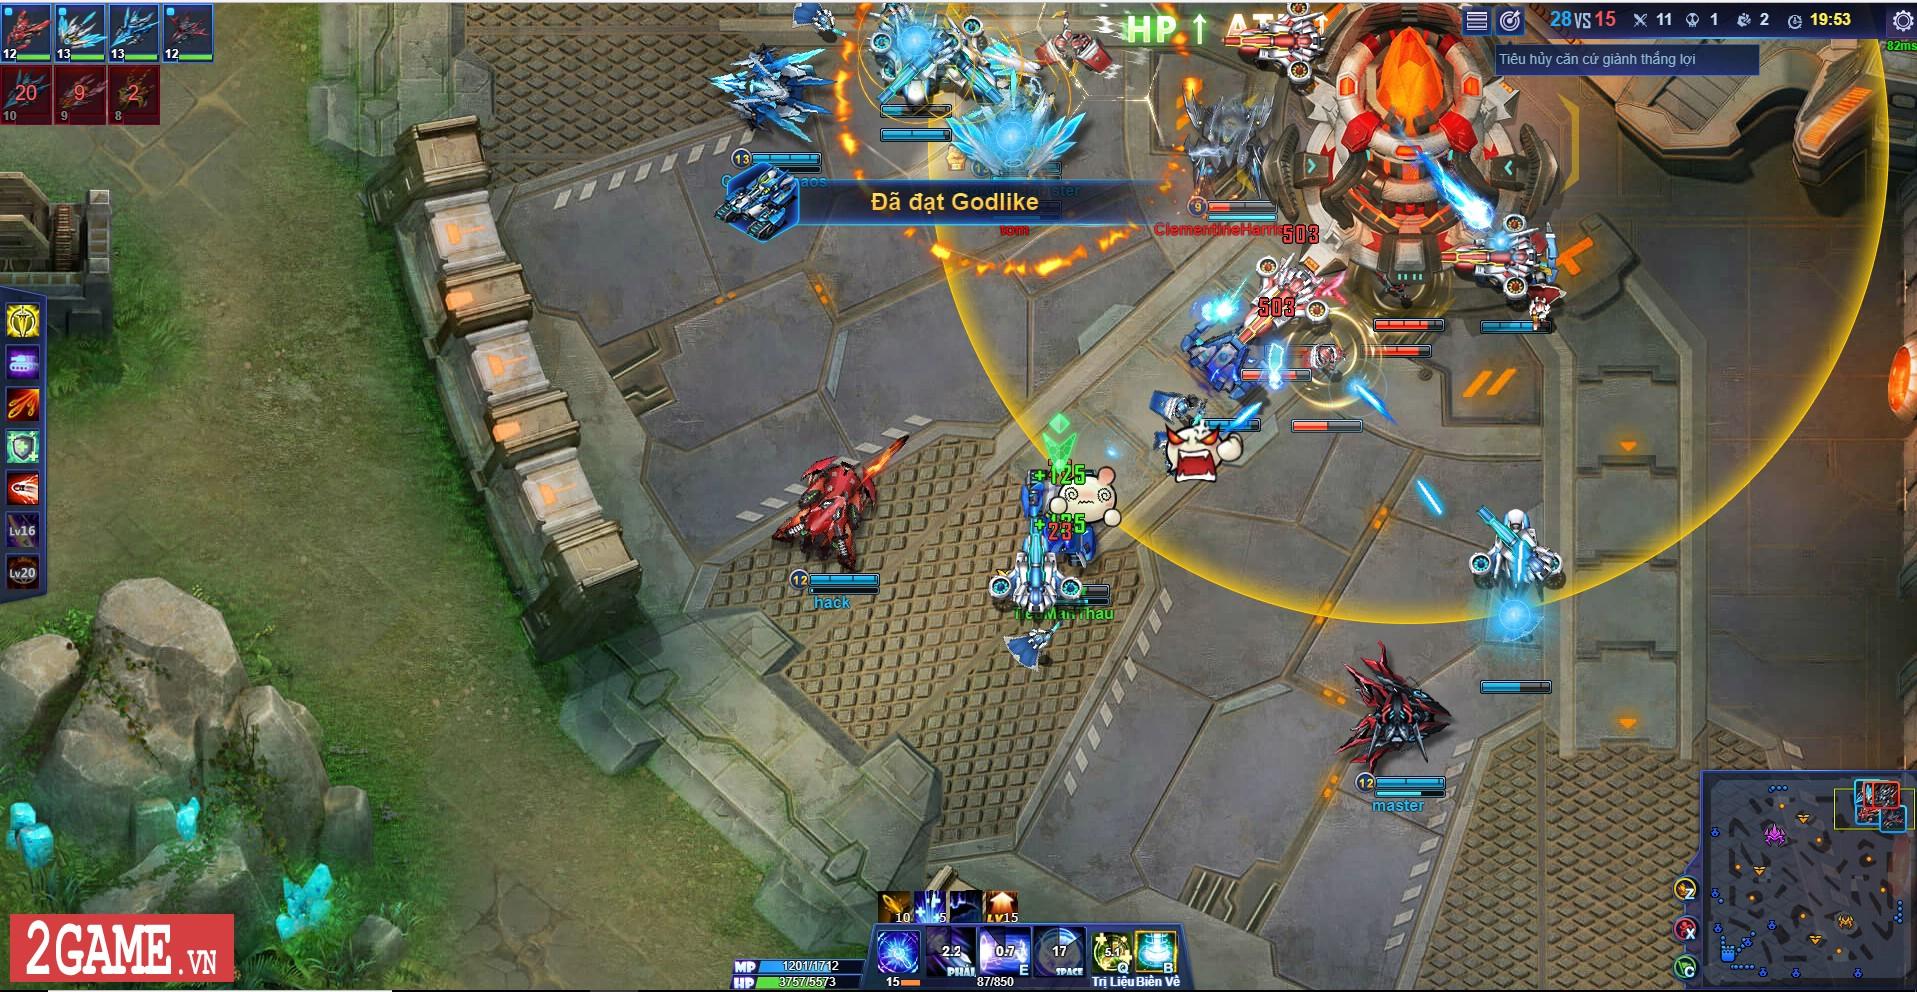 BangBang 2 và 5 điều thu hút game thủ không nên bỏ qua 2